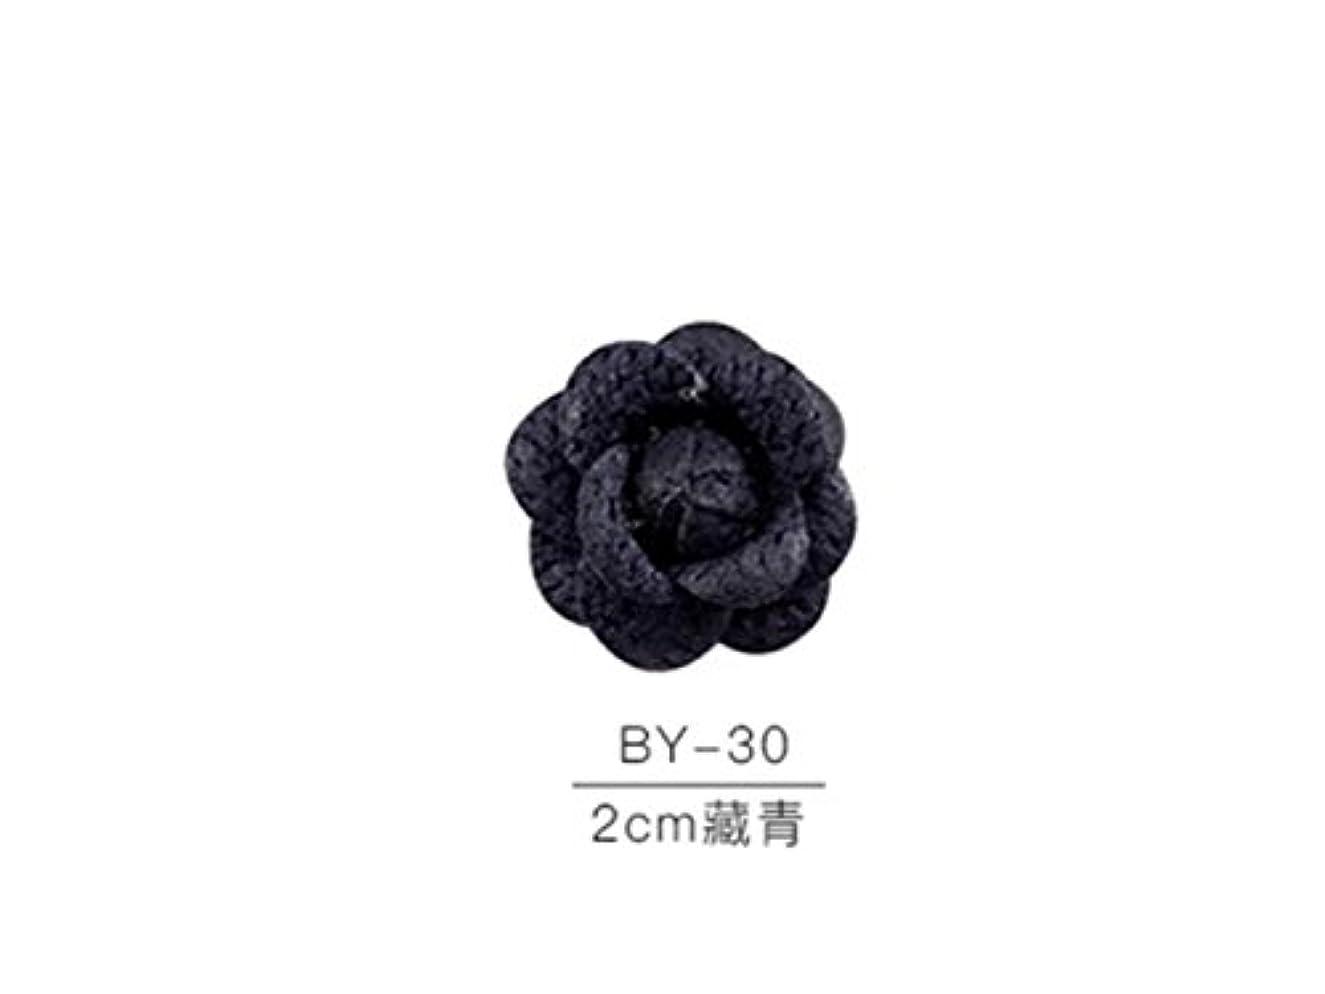 Osize カラフルネイルアート樹脂布カメリアネイルジュエリーファブリックネイルアートデコレーションネイルステッカー(ネイビー)